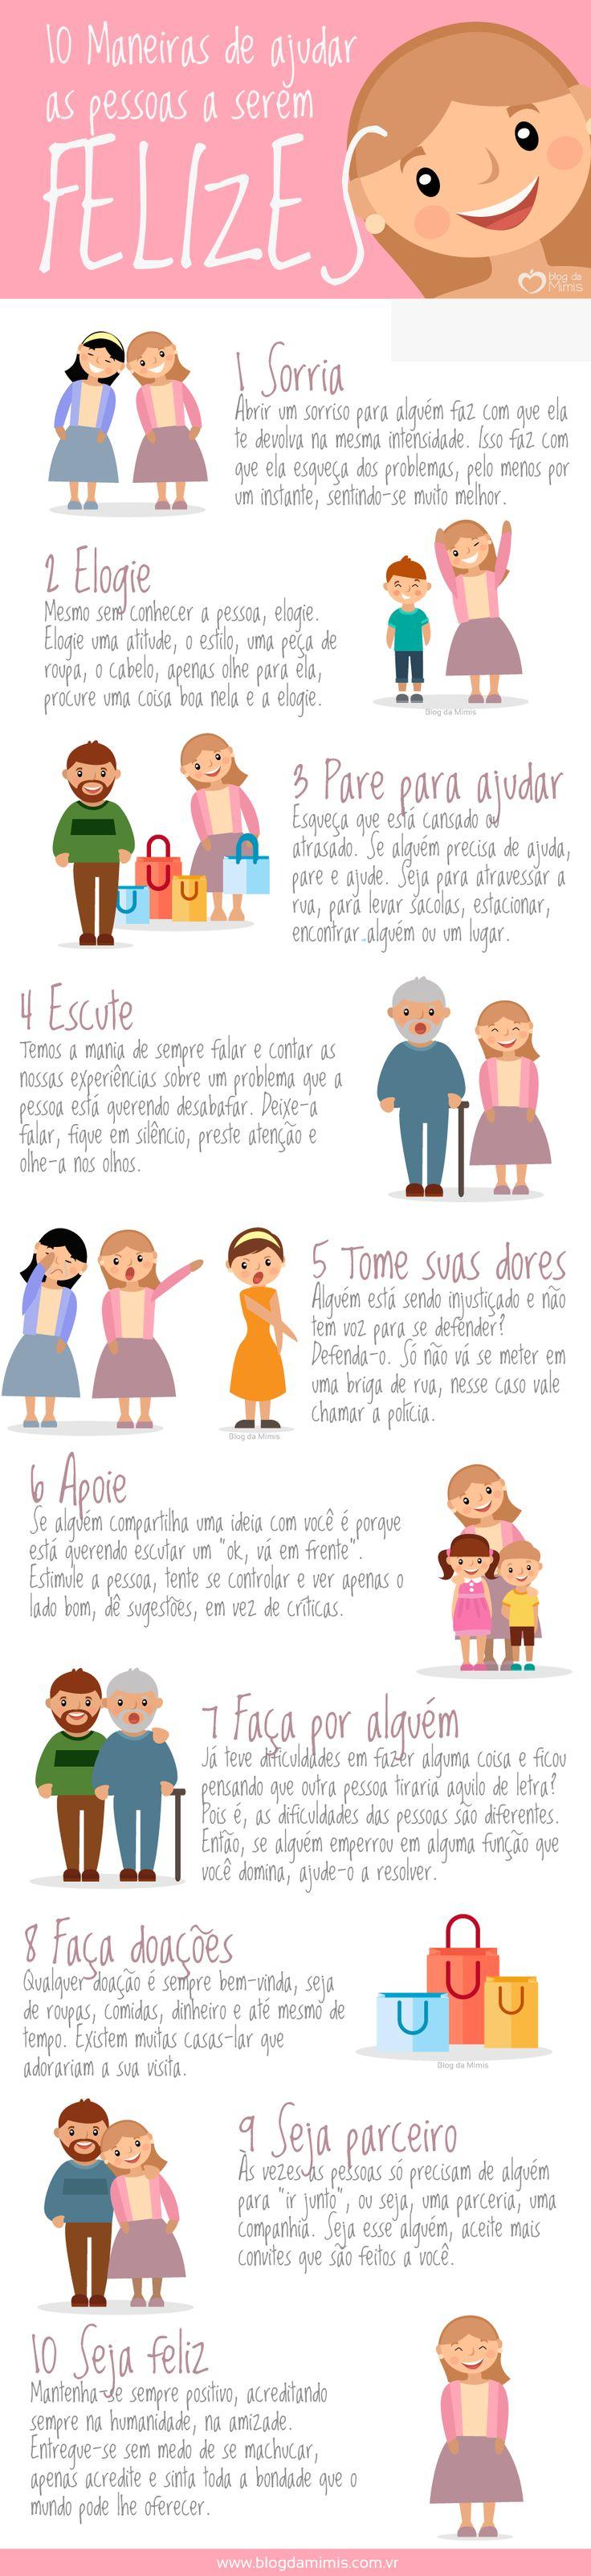 10 Maneiras de ajudar as pessoas a serem felizes - Blog da Mimis #blogdamimis #feliz #felicidade #peaple #peace #love #tips